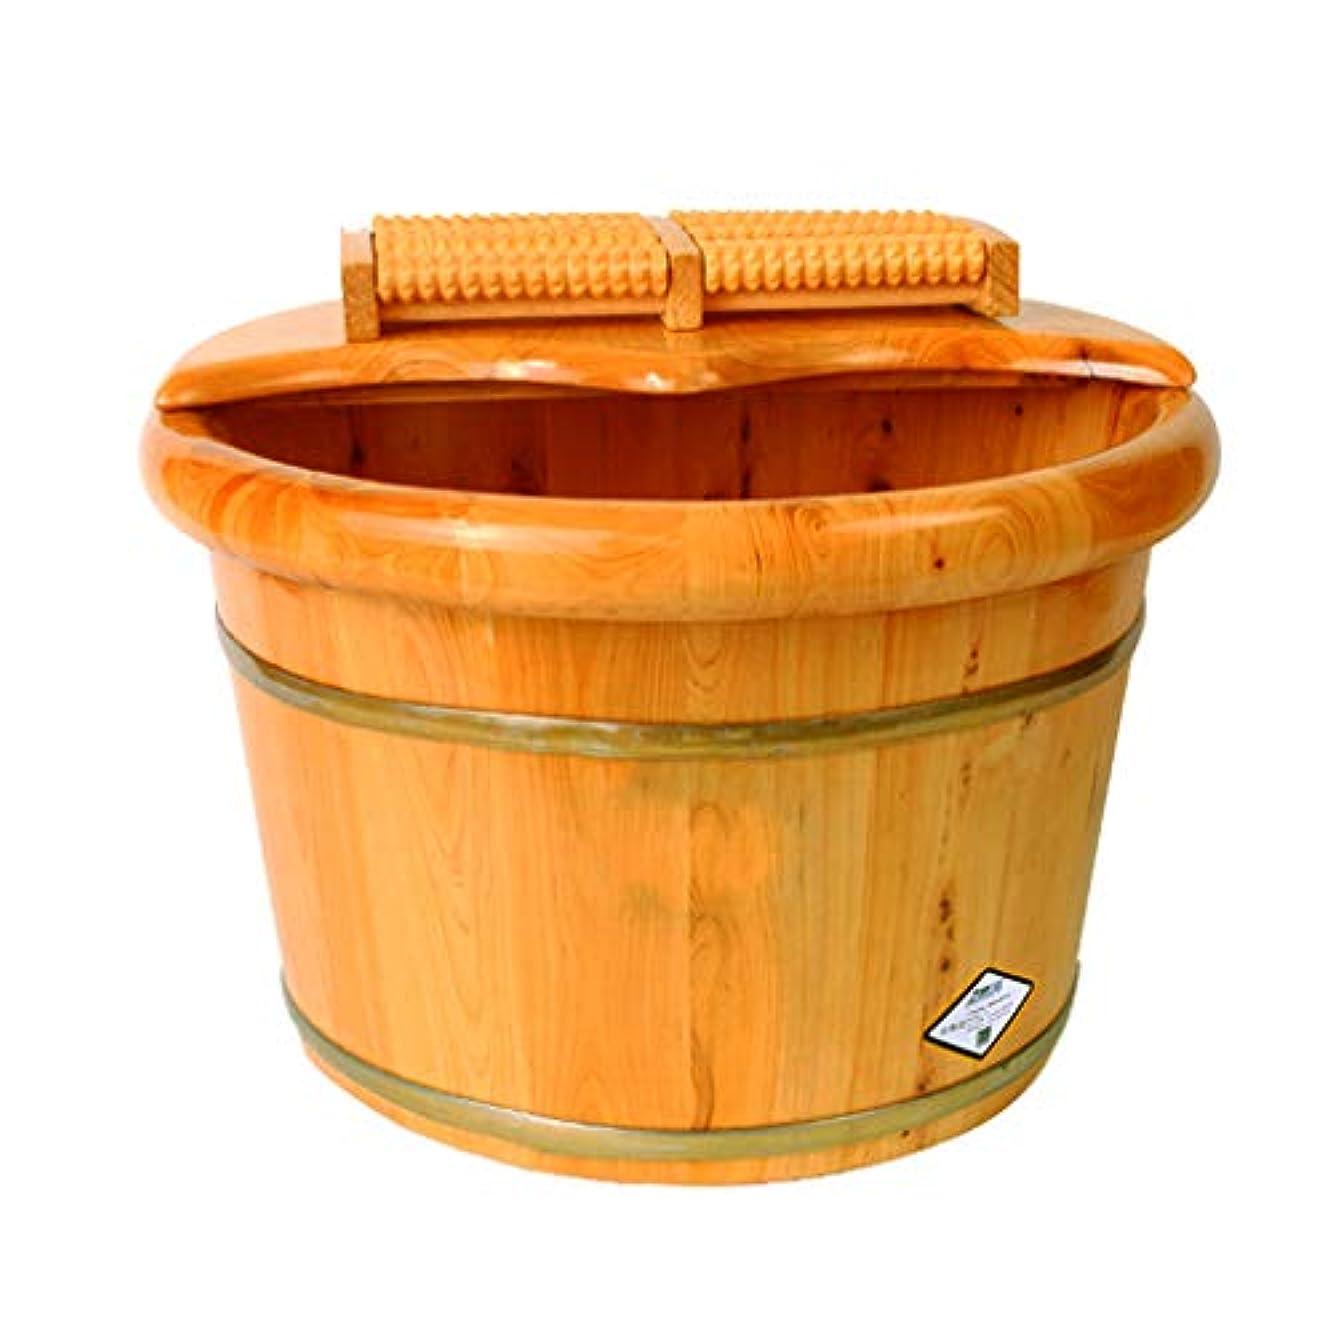 保証金退化するの配列HJBH高品質純粋な天然杉ウッドフット風呂樽ふた付き木製世帯フット浴槽厚いシダーウッドフットマッサージャーサイズ:直径41.5 M *高26 CM